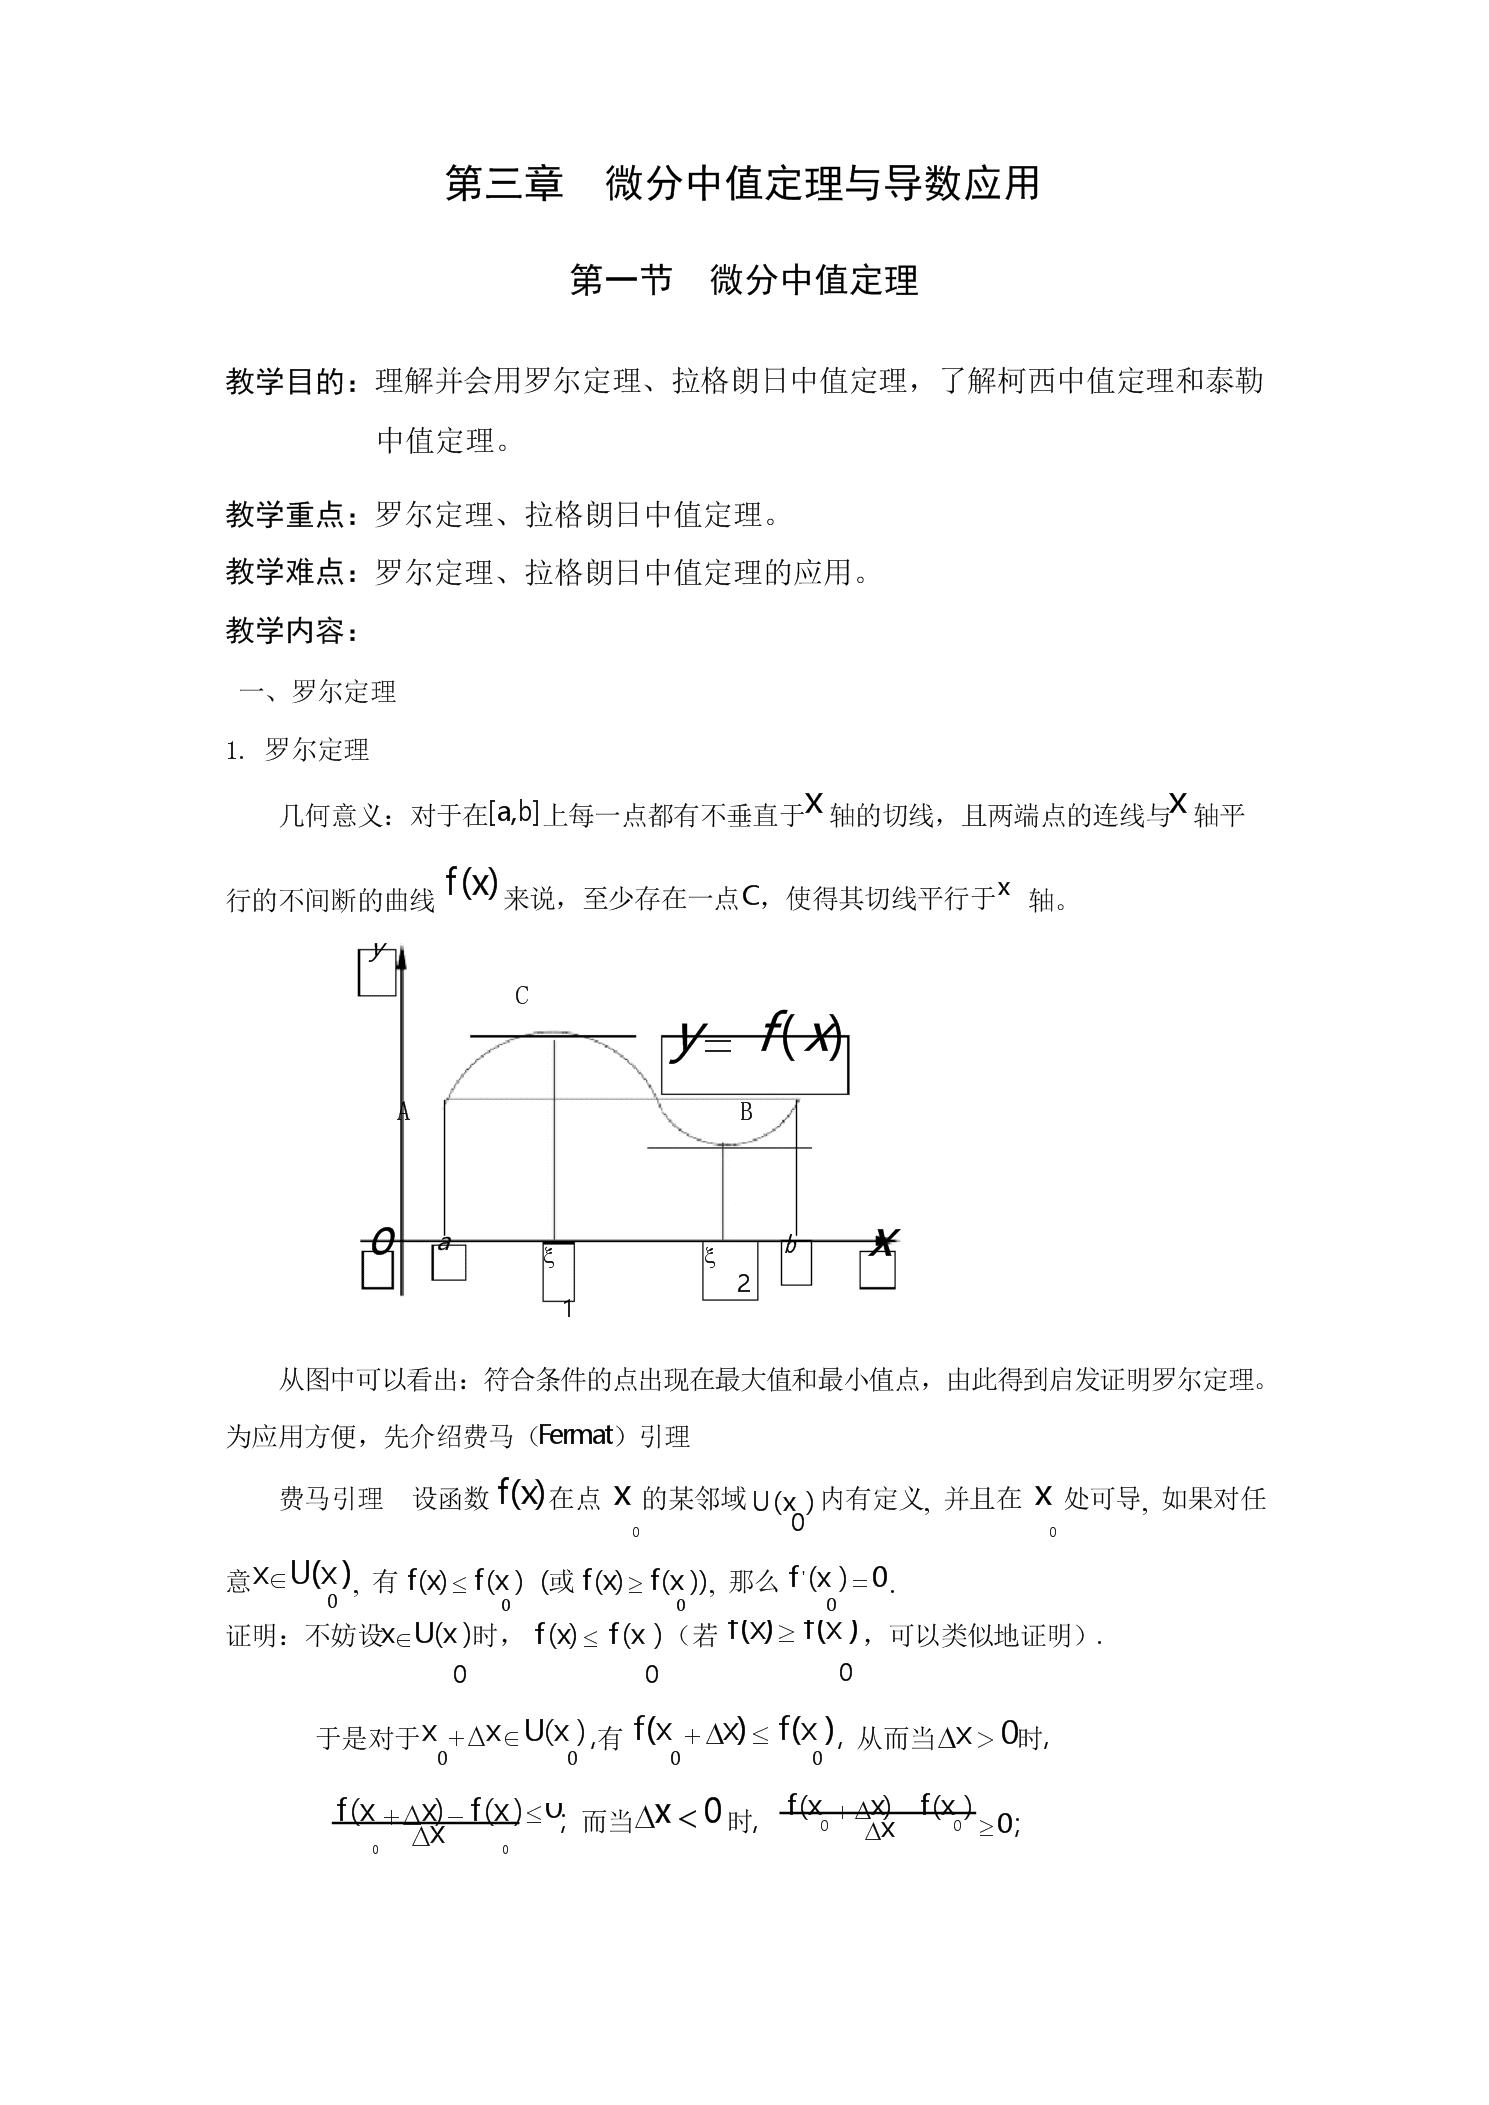 第三章  微分中值定理与导数应用教案教学设计.docx